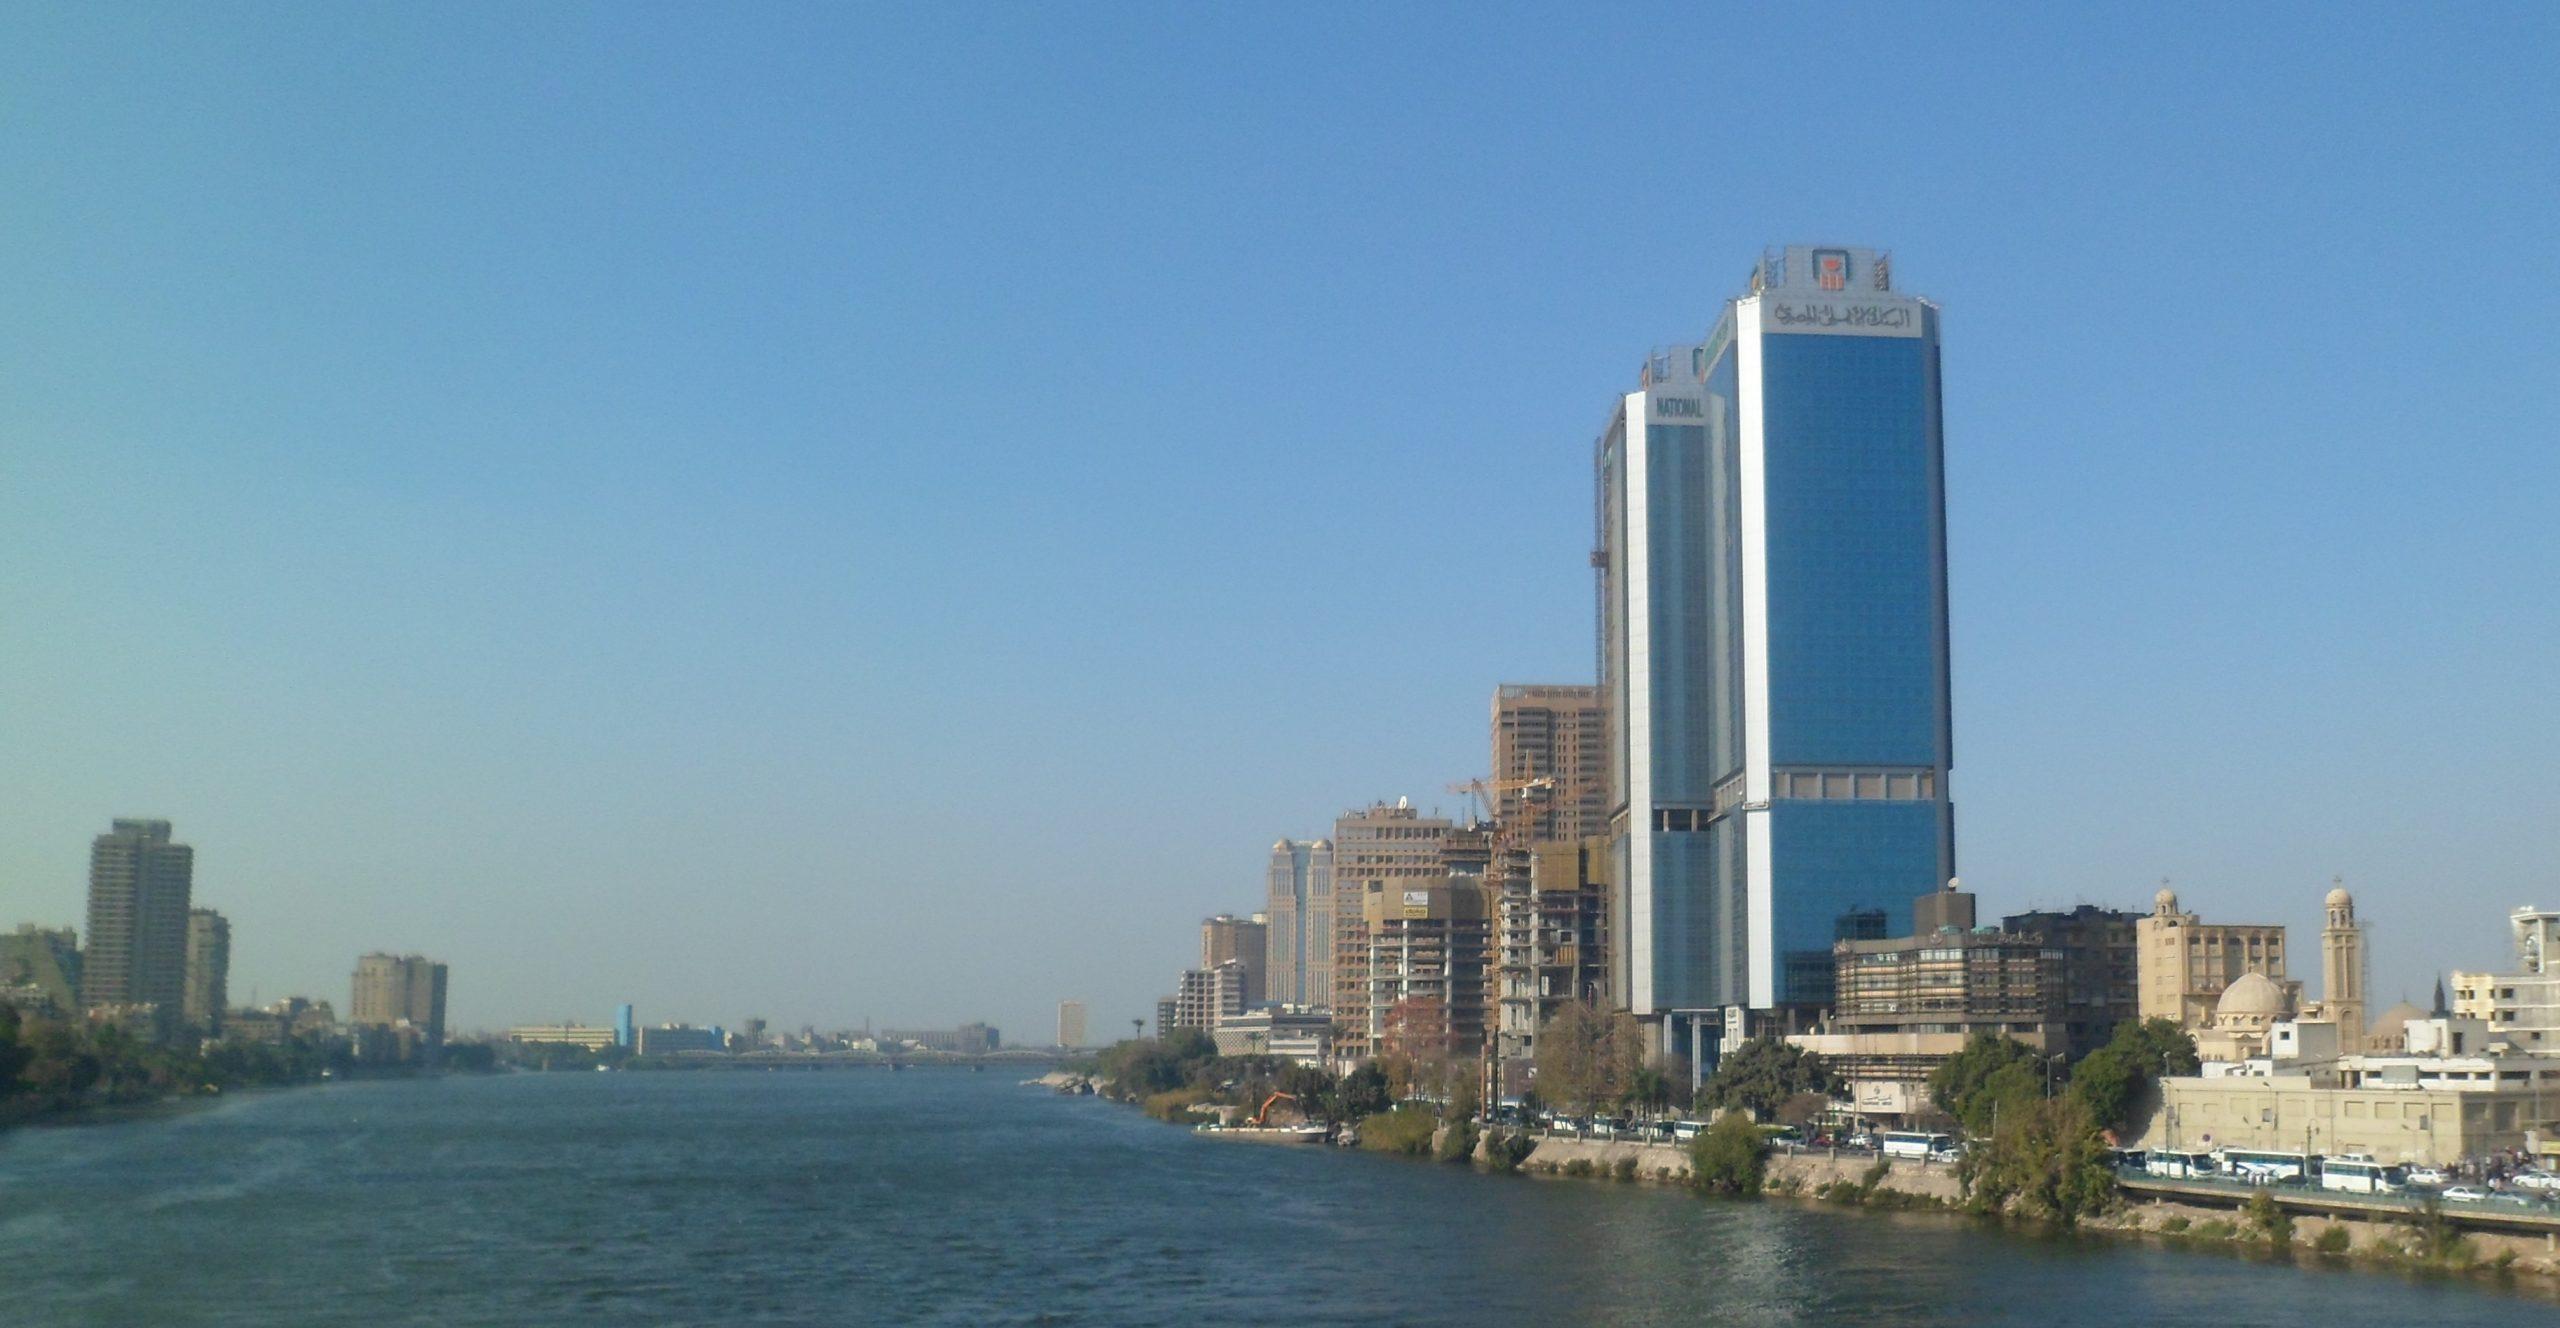 البنك الأهلي المصري يعلن عن وظائف شاغرة لخريجي تجارة وحقوق وهندسة وعلوم حاسب